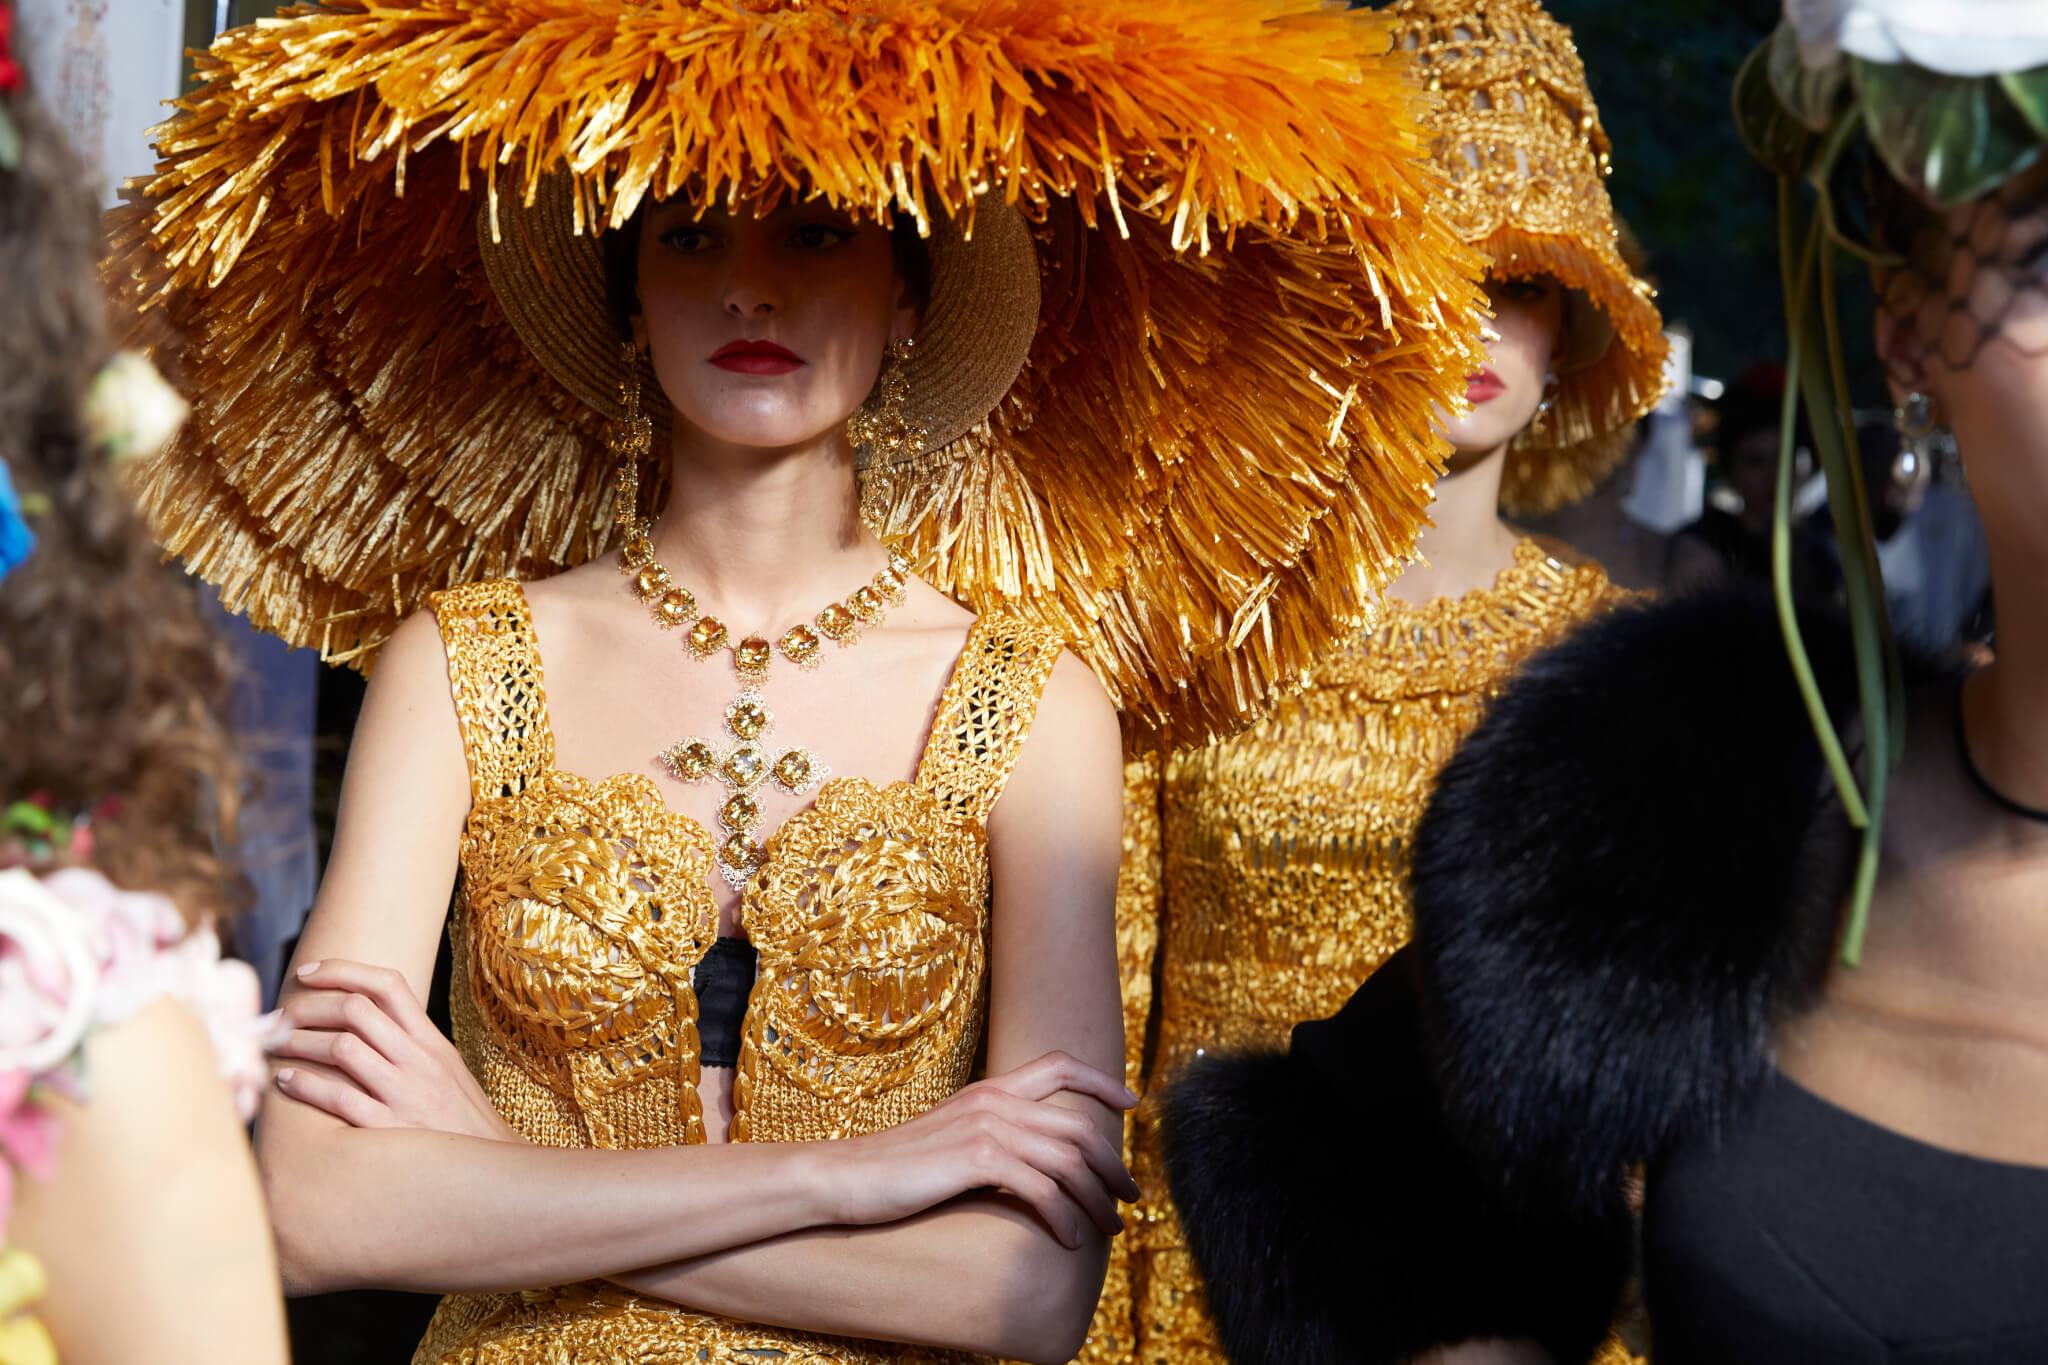 品牌向來重視人文元素,服飾設計均洋溢着意大利傳統的工藝美。